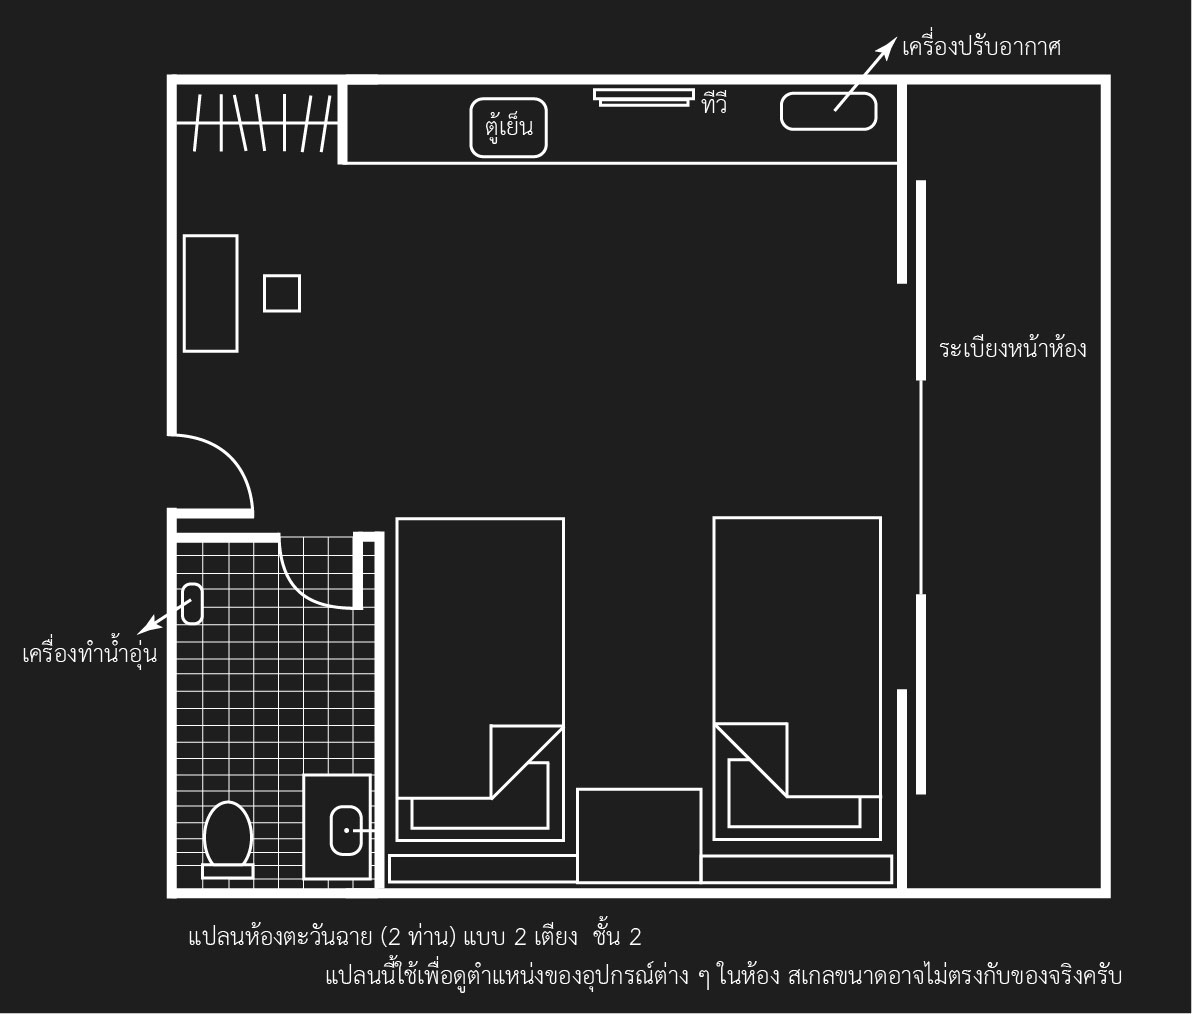 แปลนห้องพัก เตียงคู่ ชั้น 2 ที่พักปราณบุรี